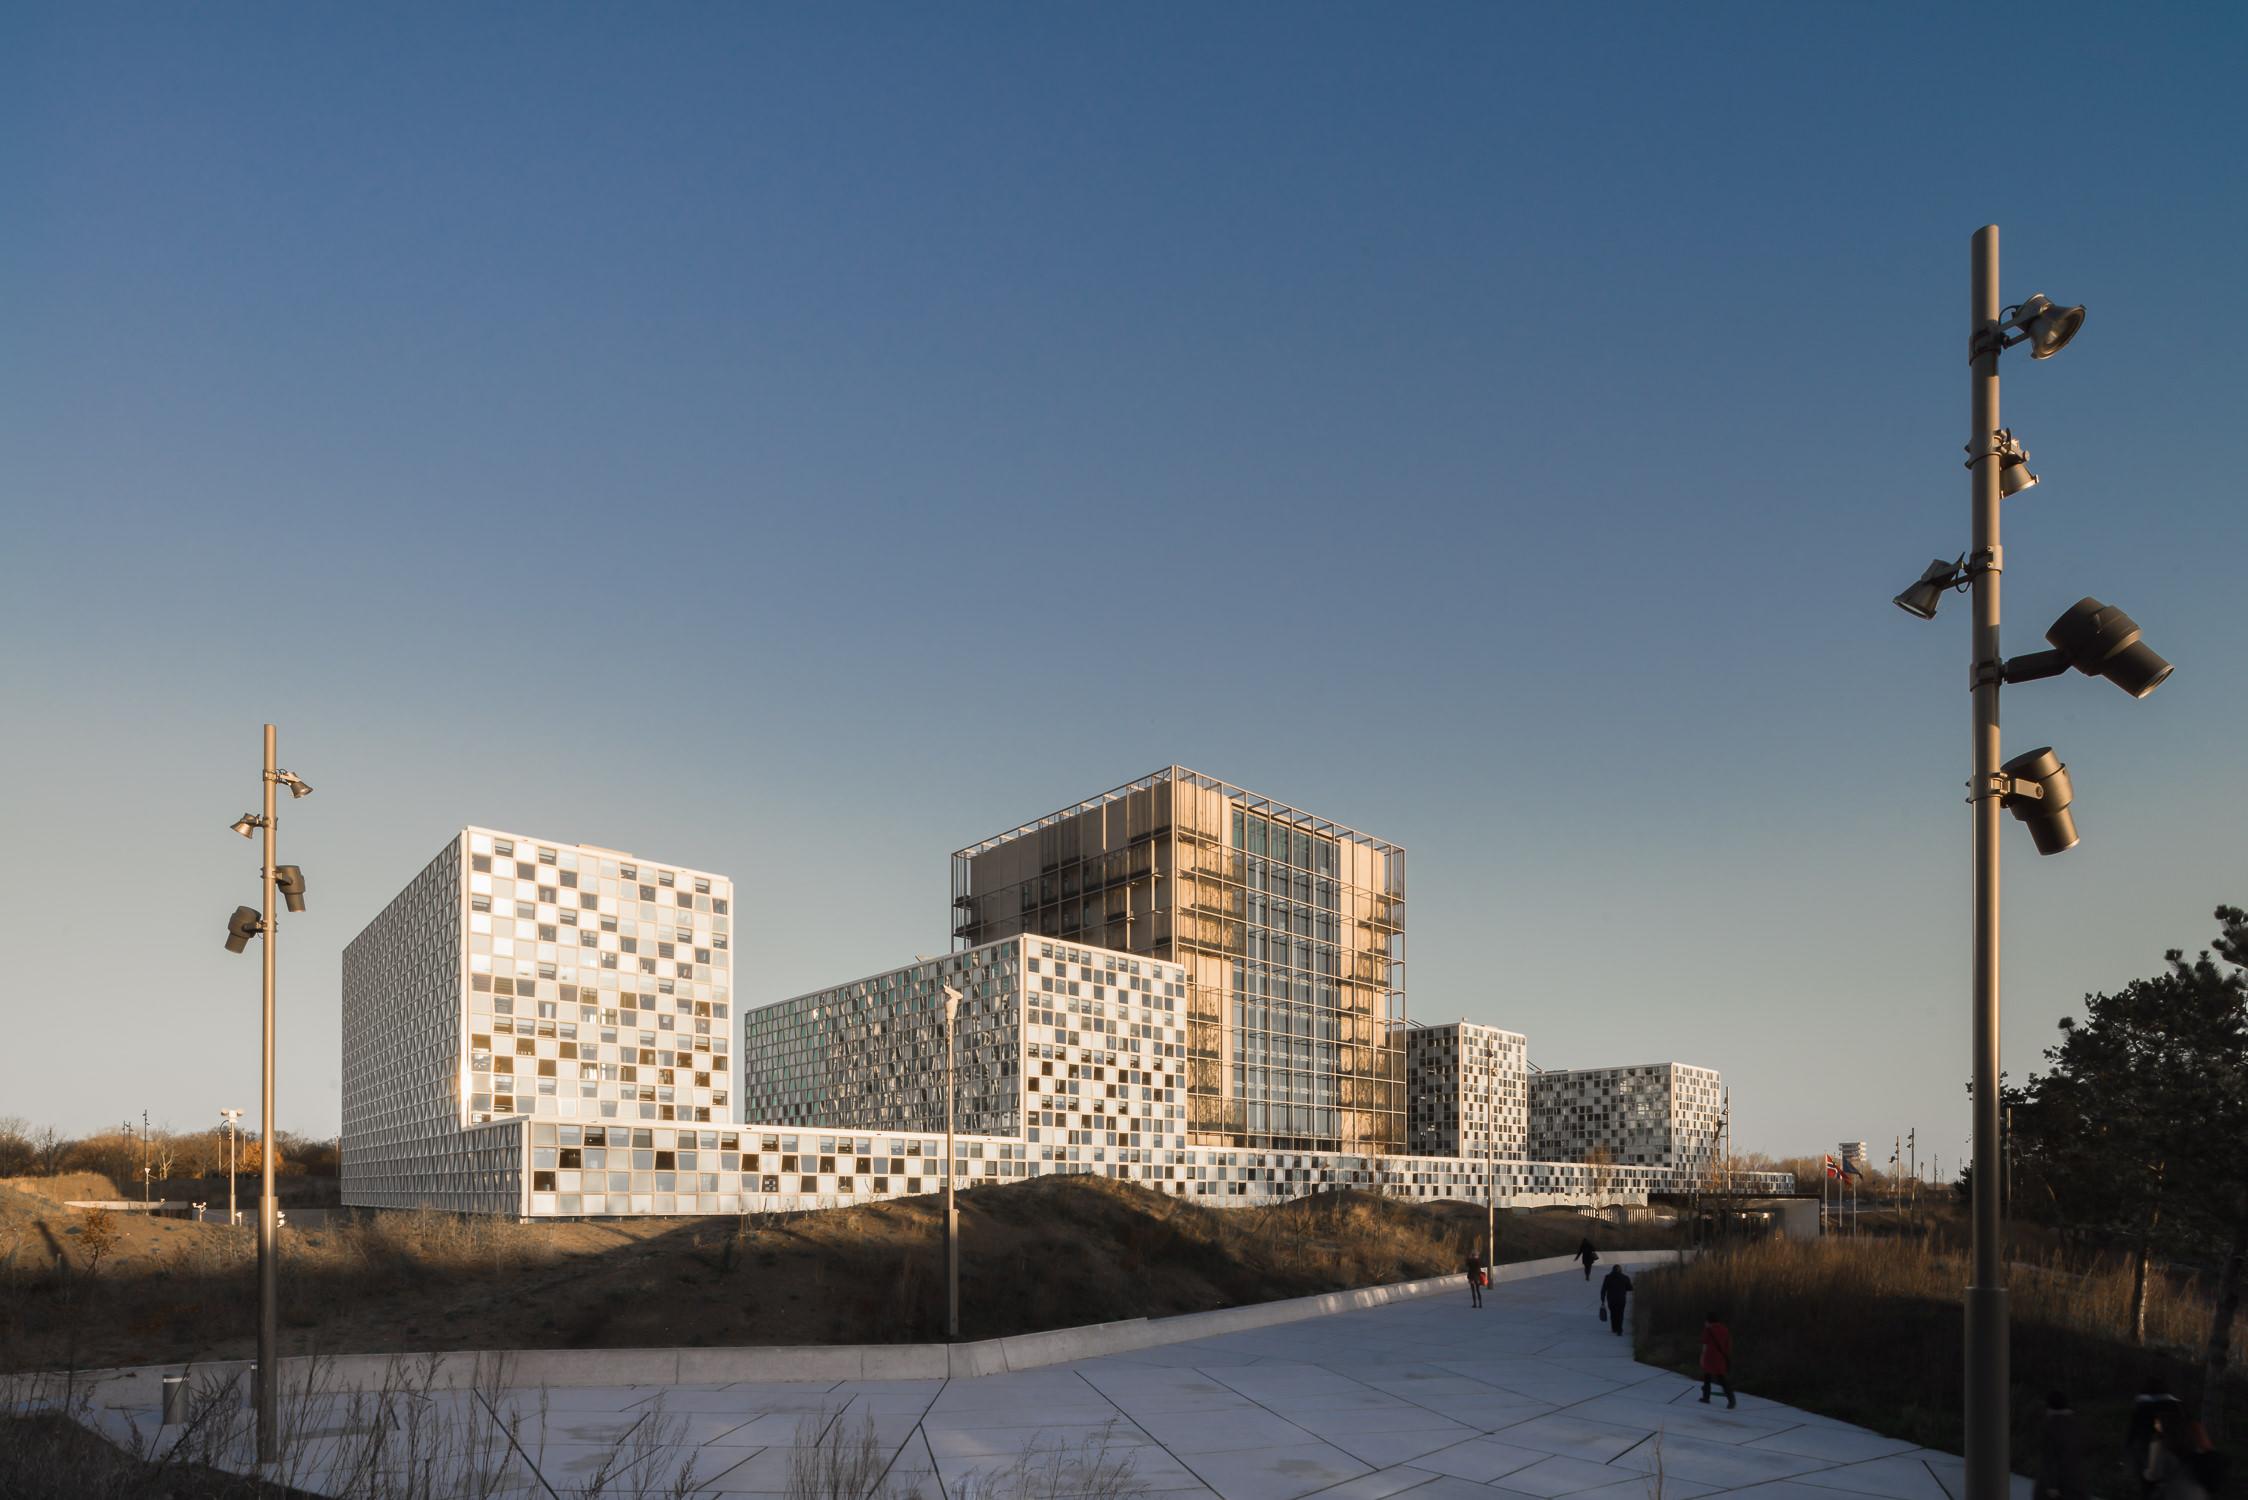 mark-hadden-architecture-photographer-architectuur-interieur-fotografie-london-amsterdam-ICC-Den-Haag-018-Edit.jpg